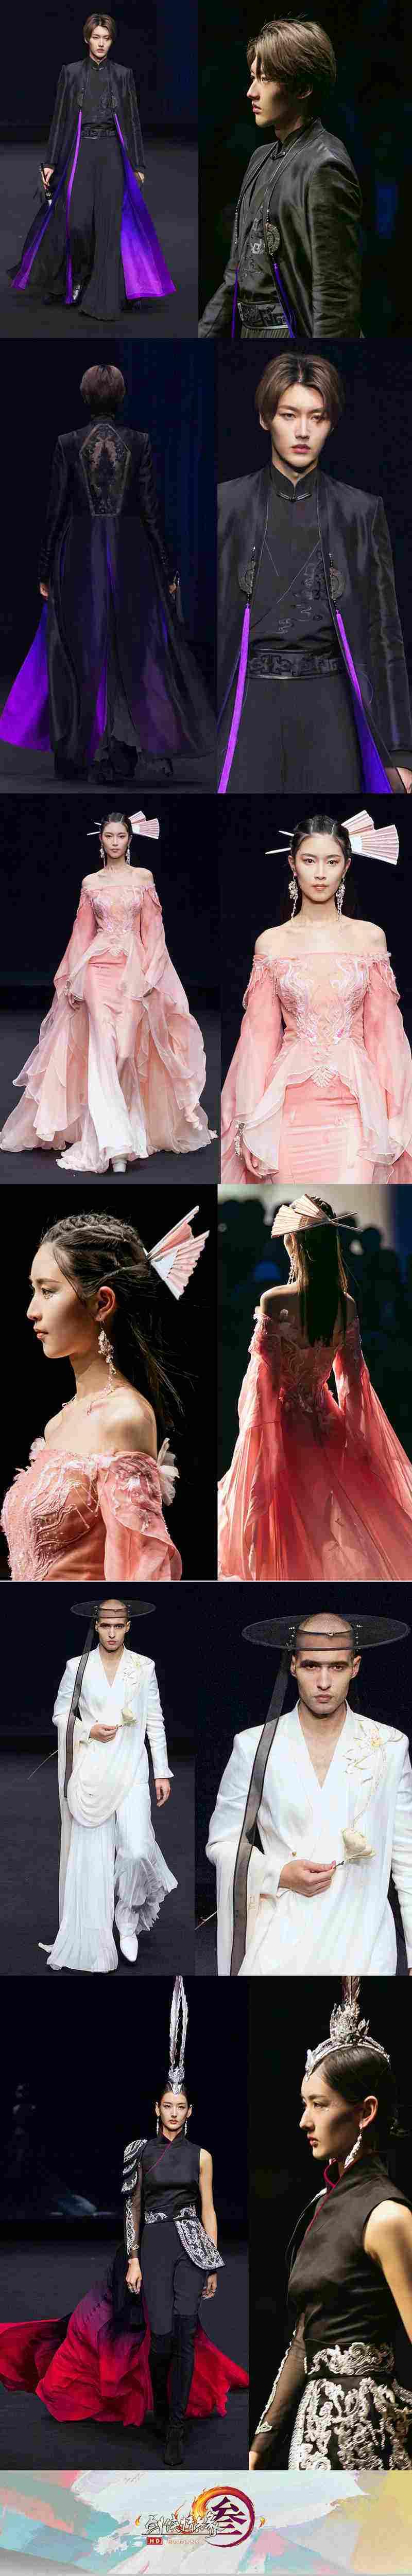 进击水立方!《剑网3》门派高定礼服亮相国际时装周